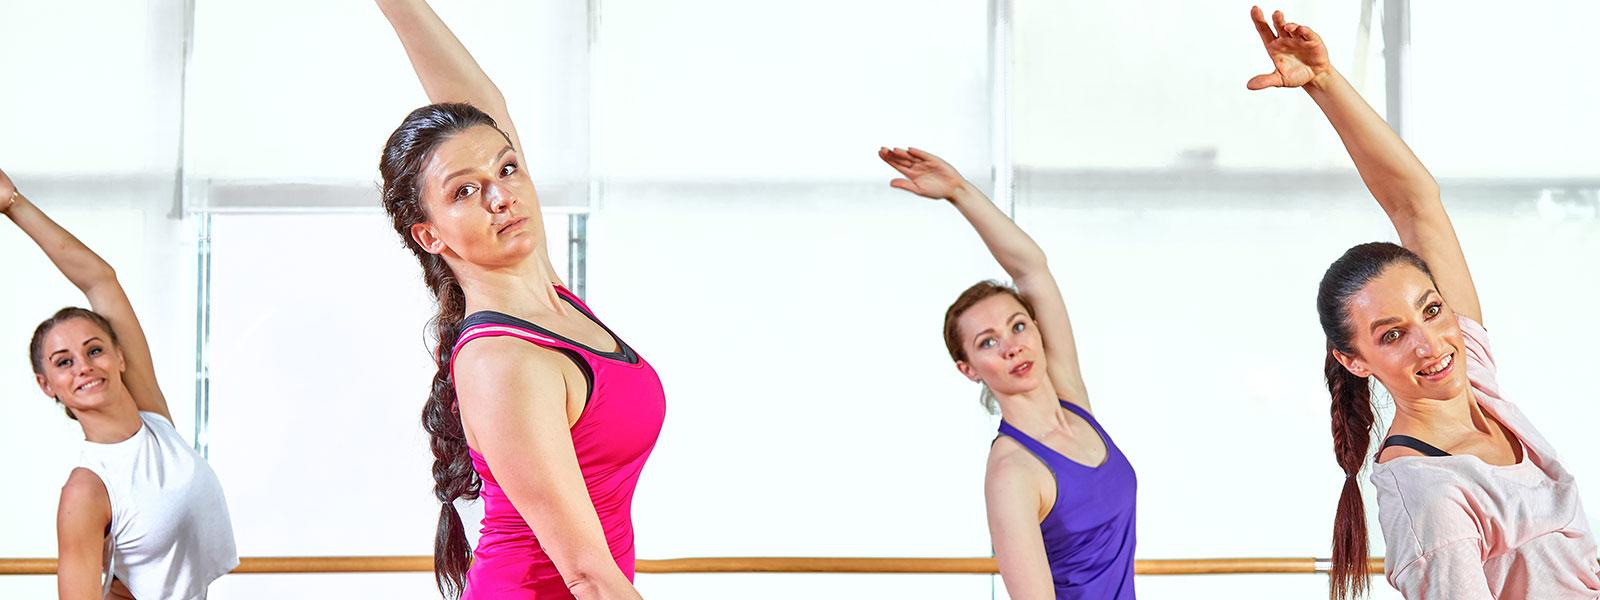 Find a BalletBeFit class